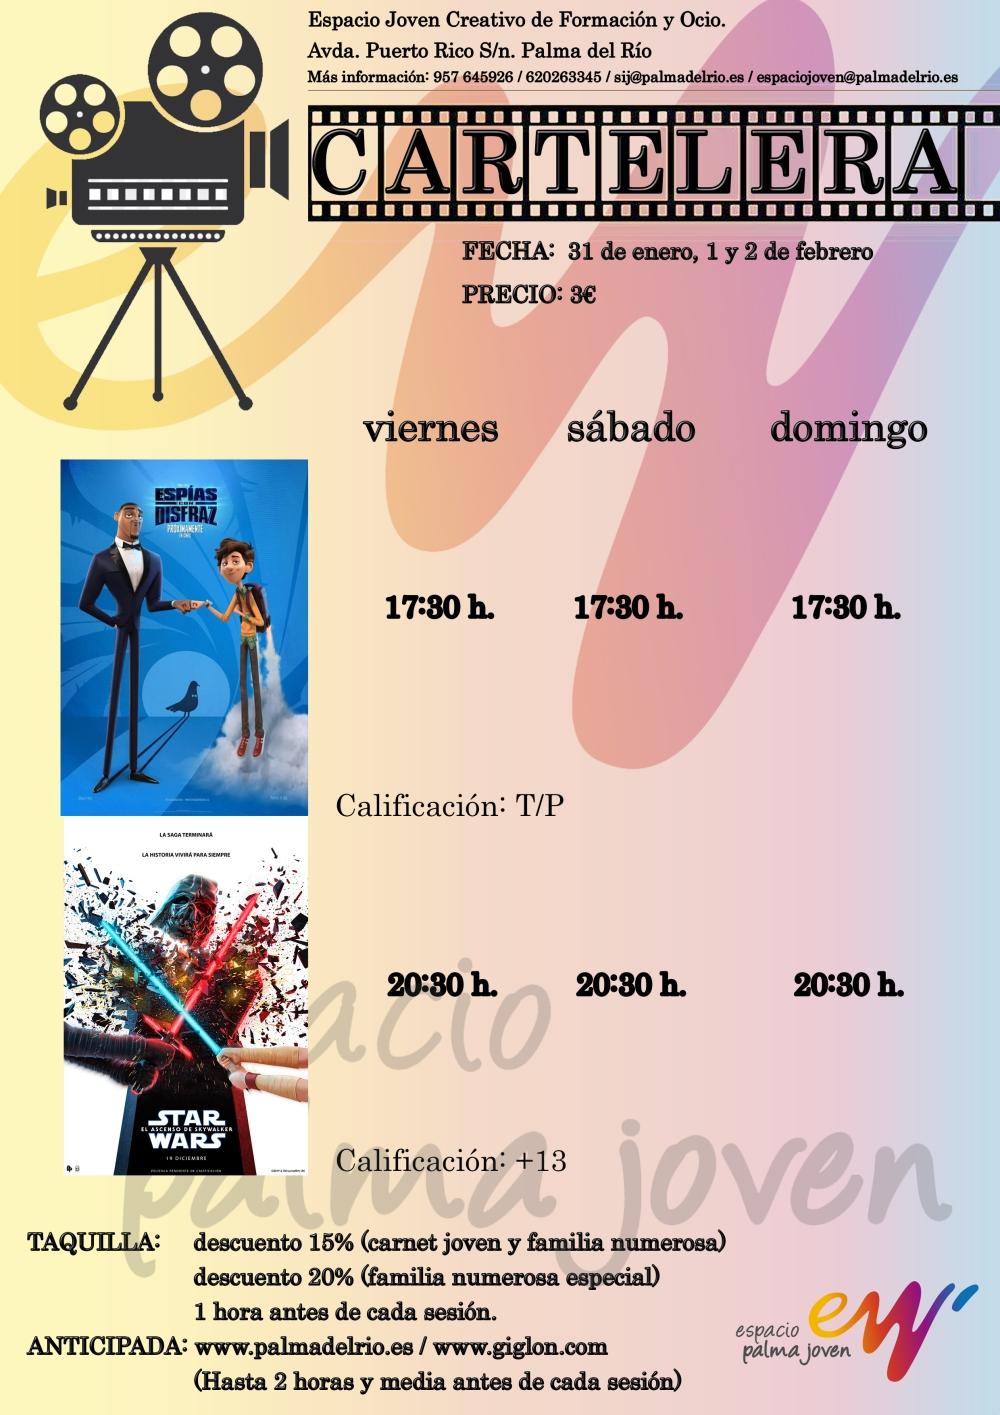 https://www.palmadelrio.es/sites/default/files/horario_cine_31_1_y_2_febrero1.jpg